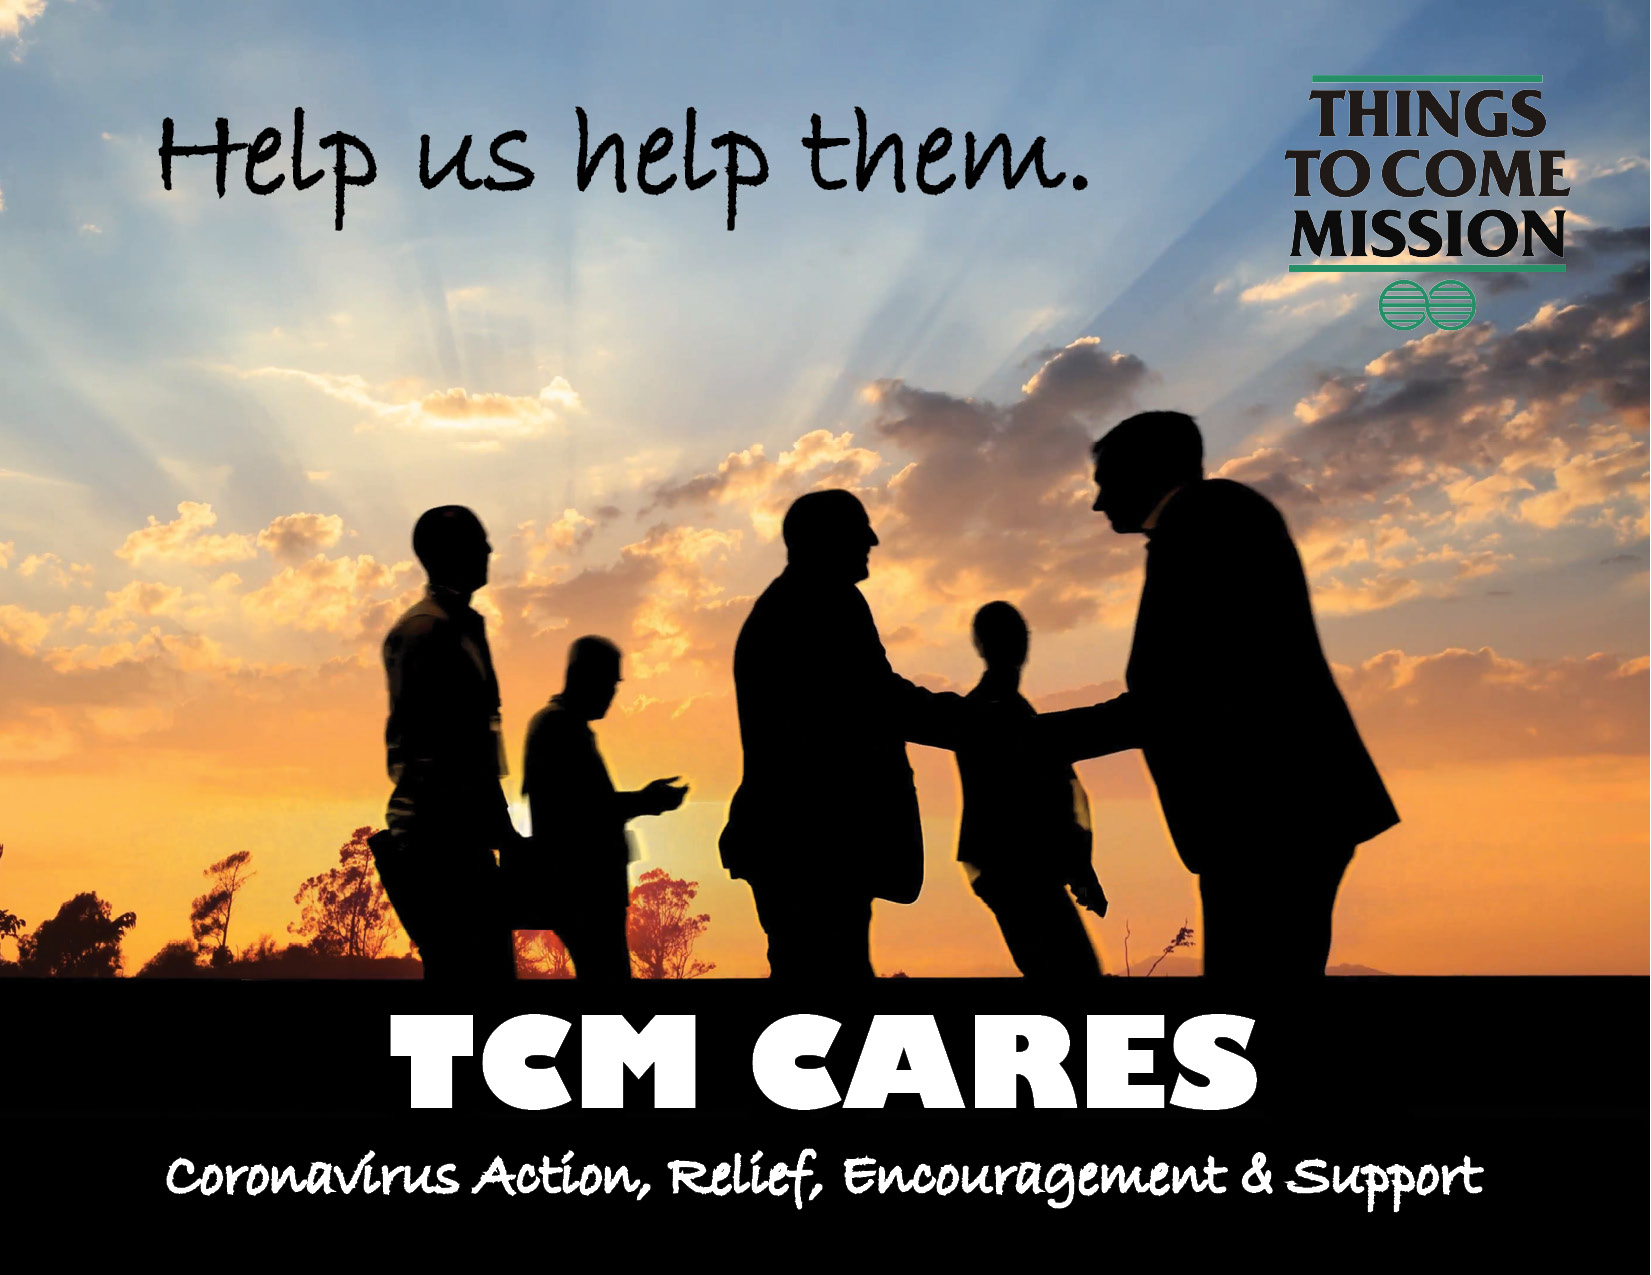 TCM CARES PROJECT